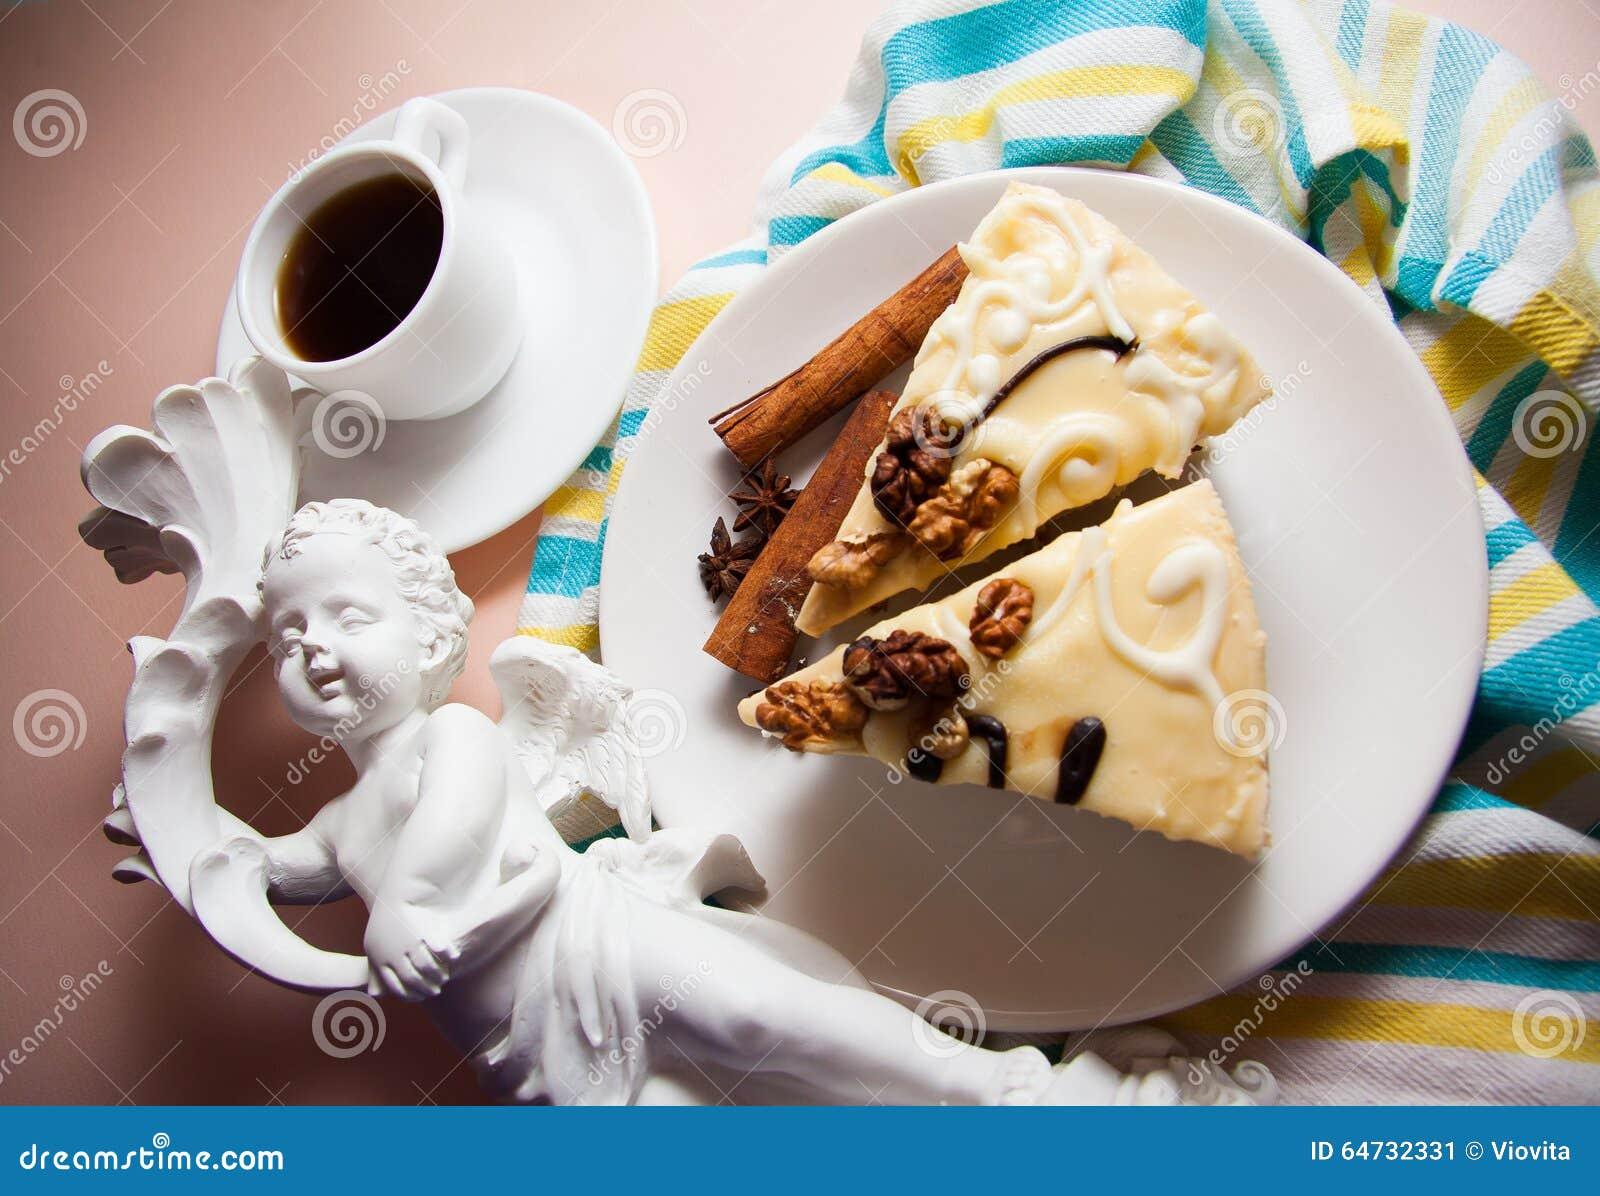 Budino di vaniglia con cannella